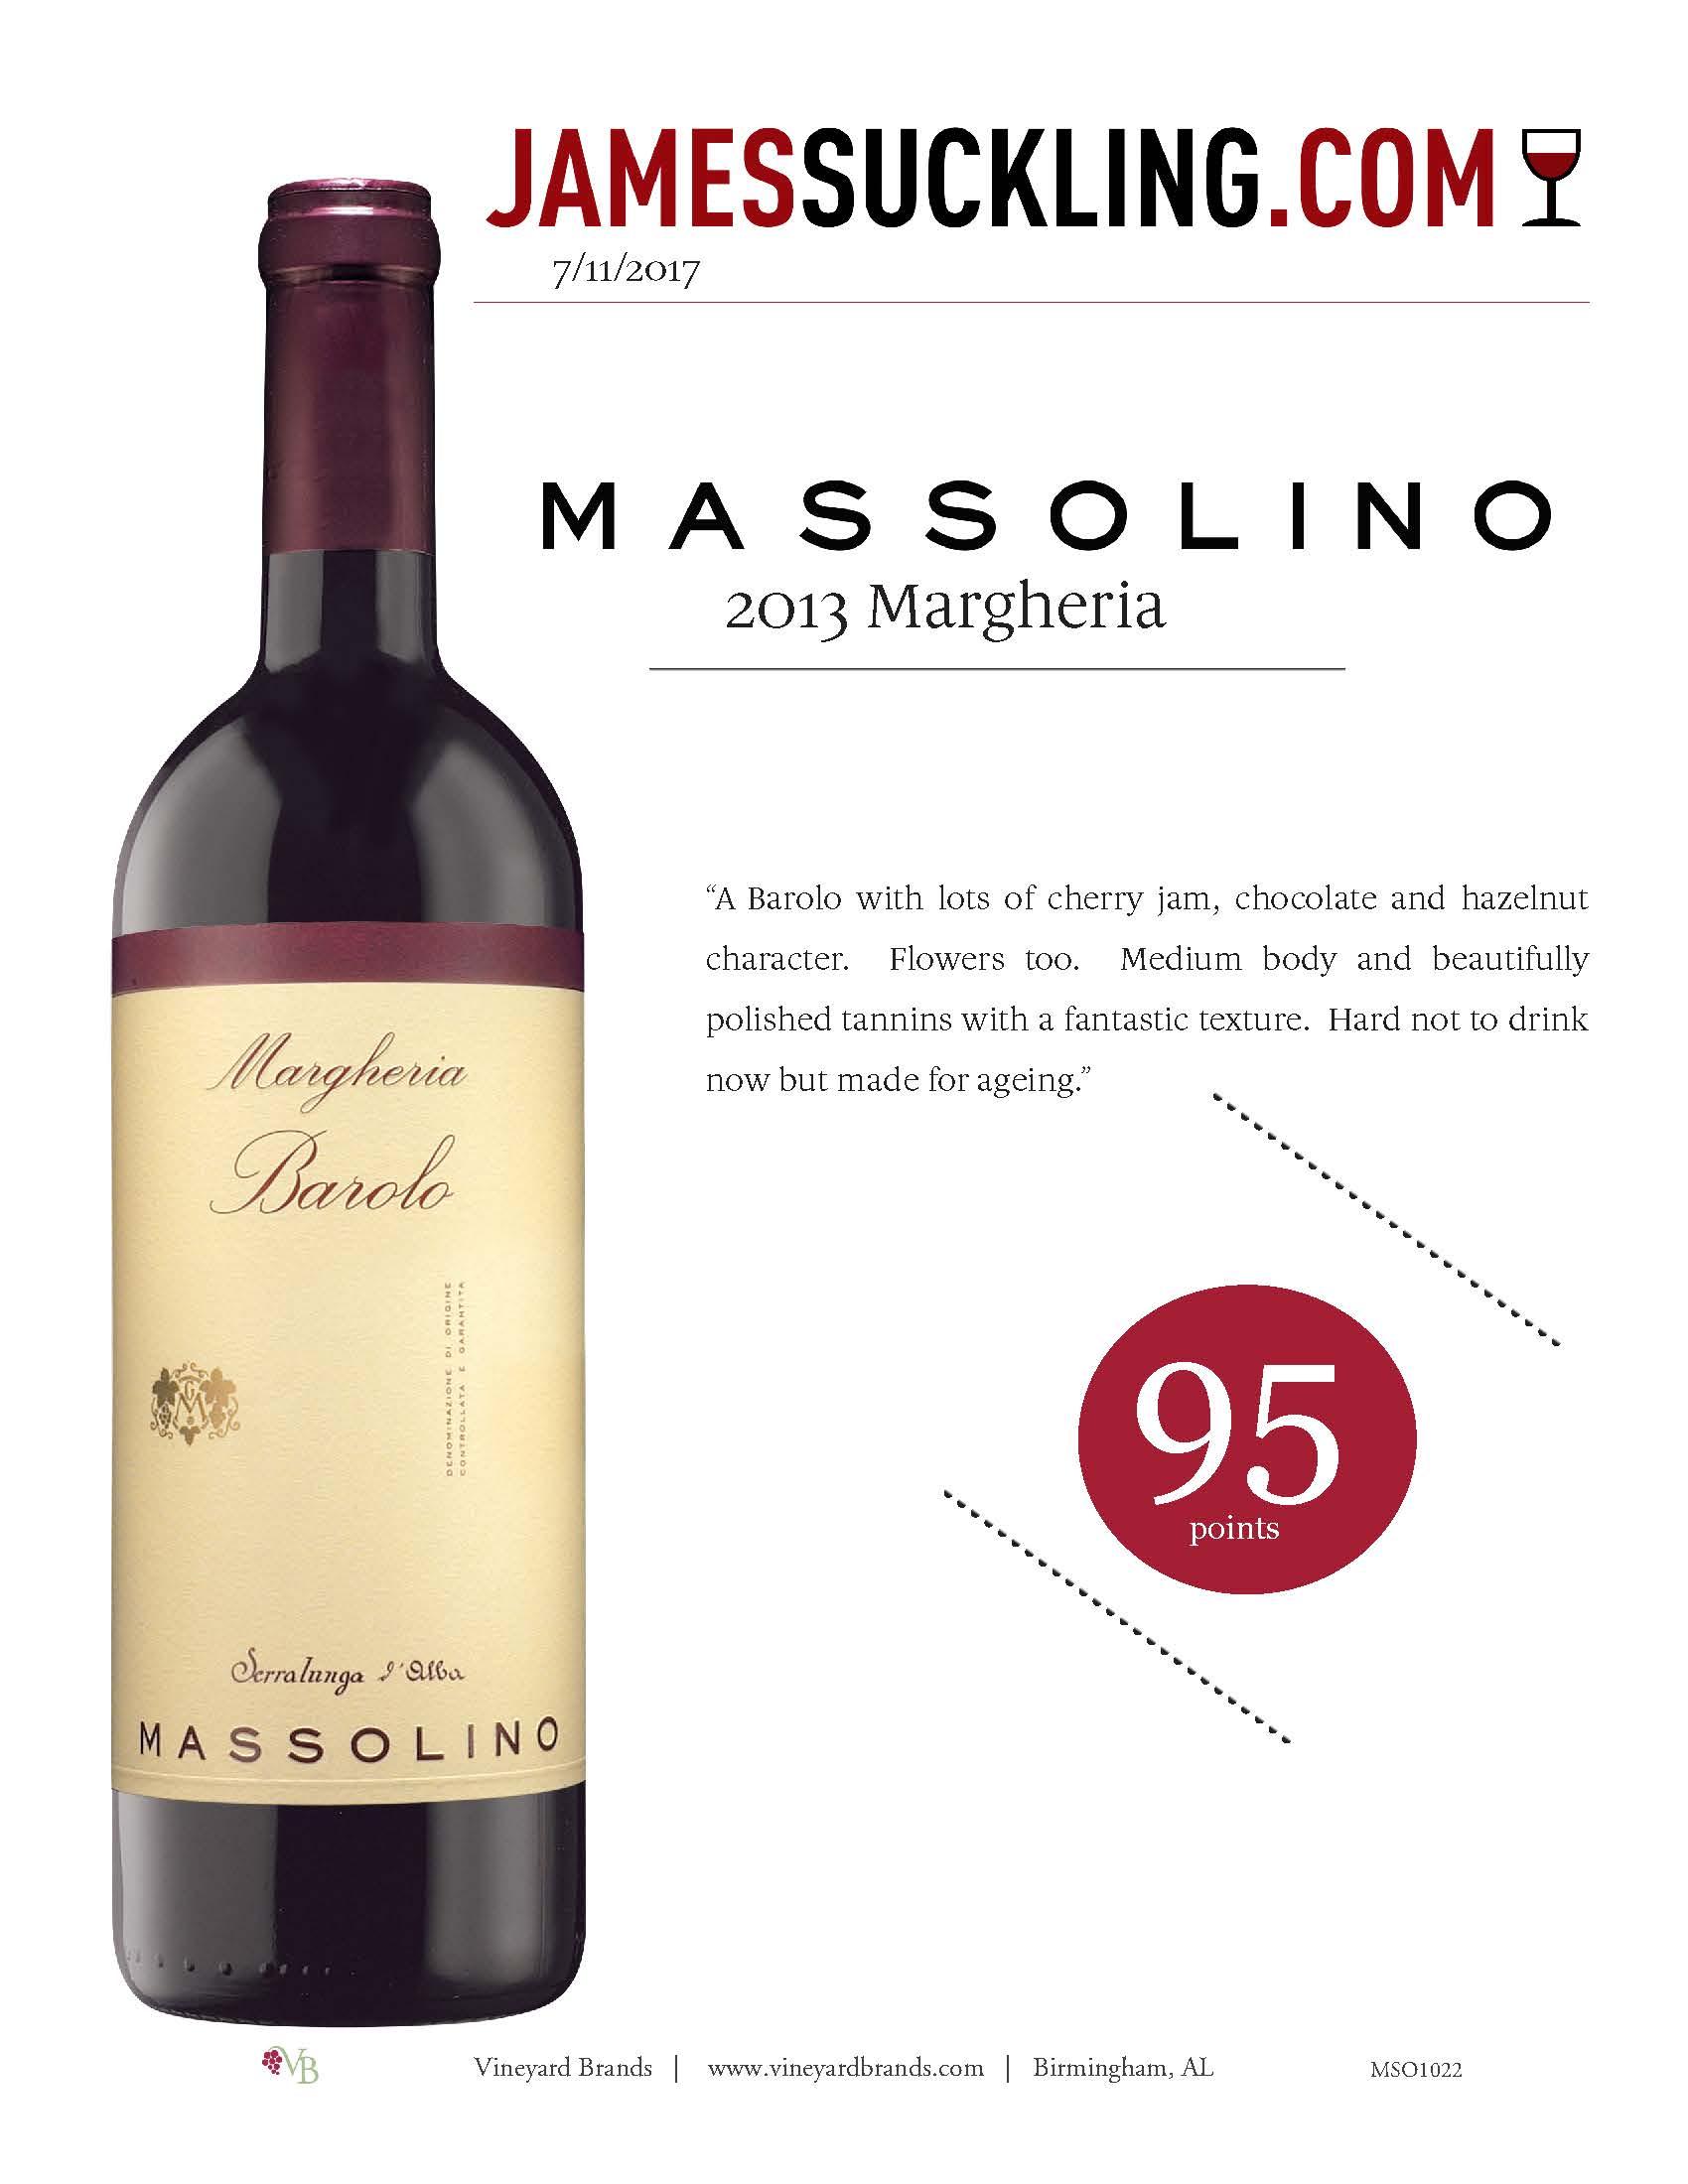 Massolino 2013 Margheria.jpg